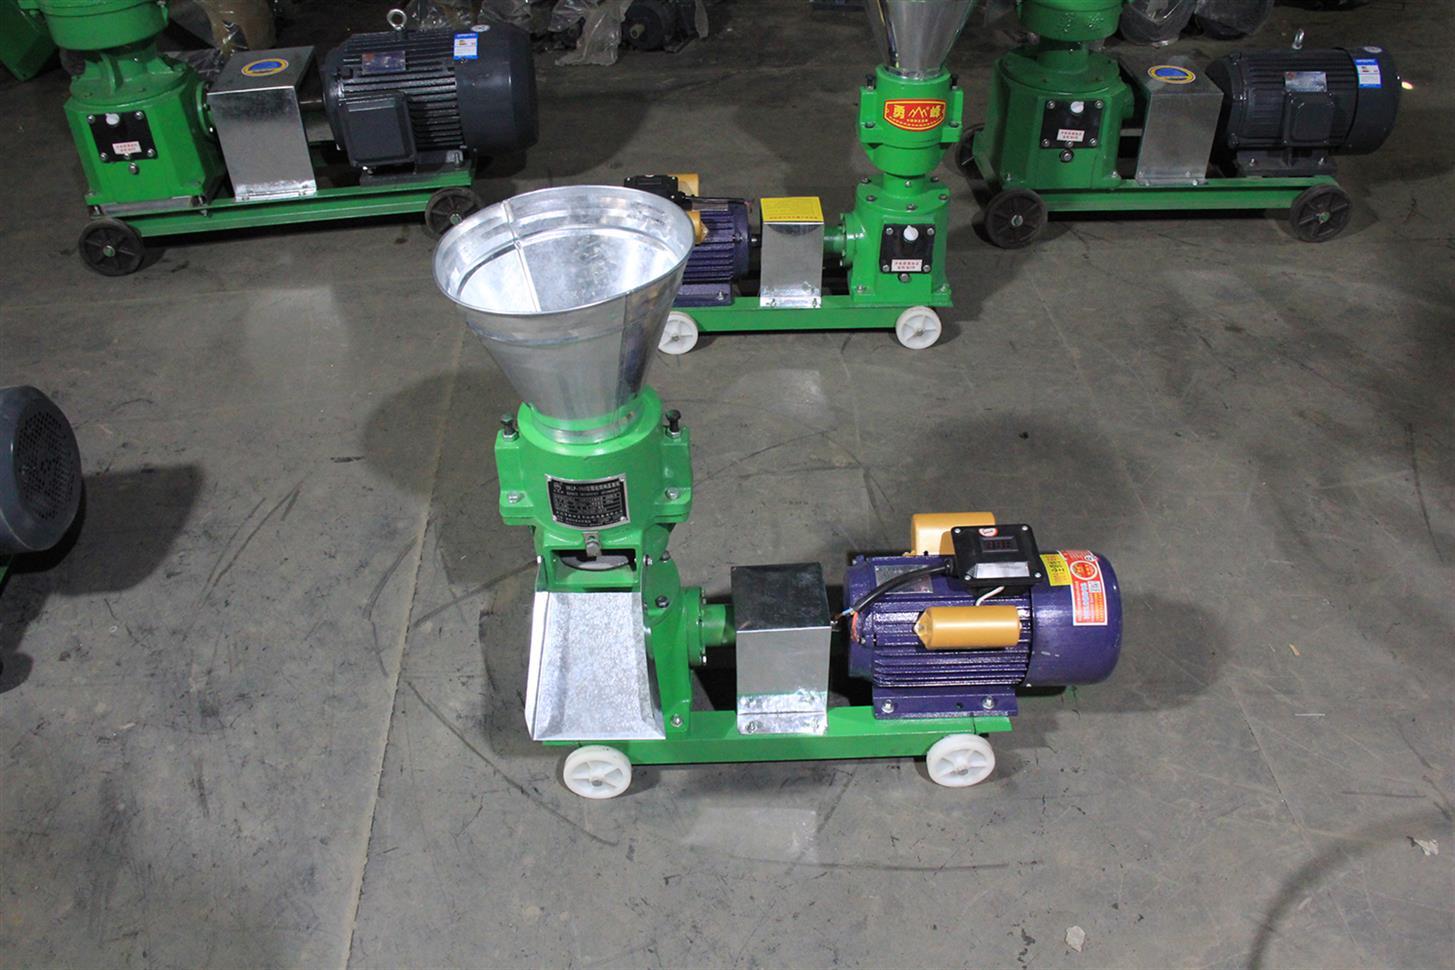 三相电机器 家用中小型畜牧机械设备 鸡鹅猪牛羊饲料颗粒机单相电